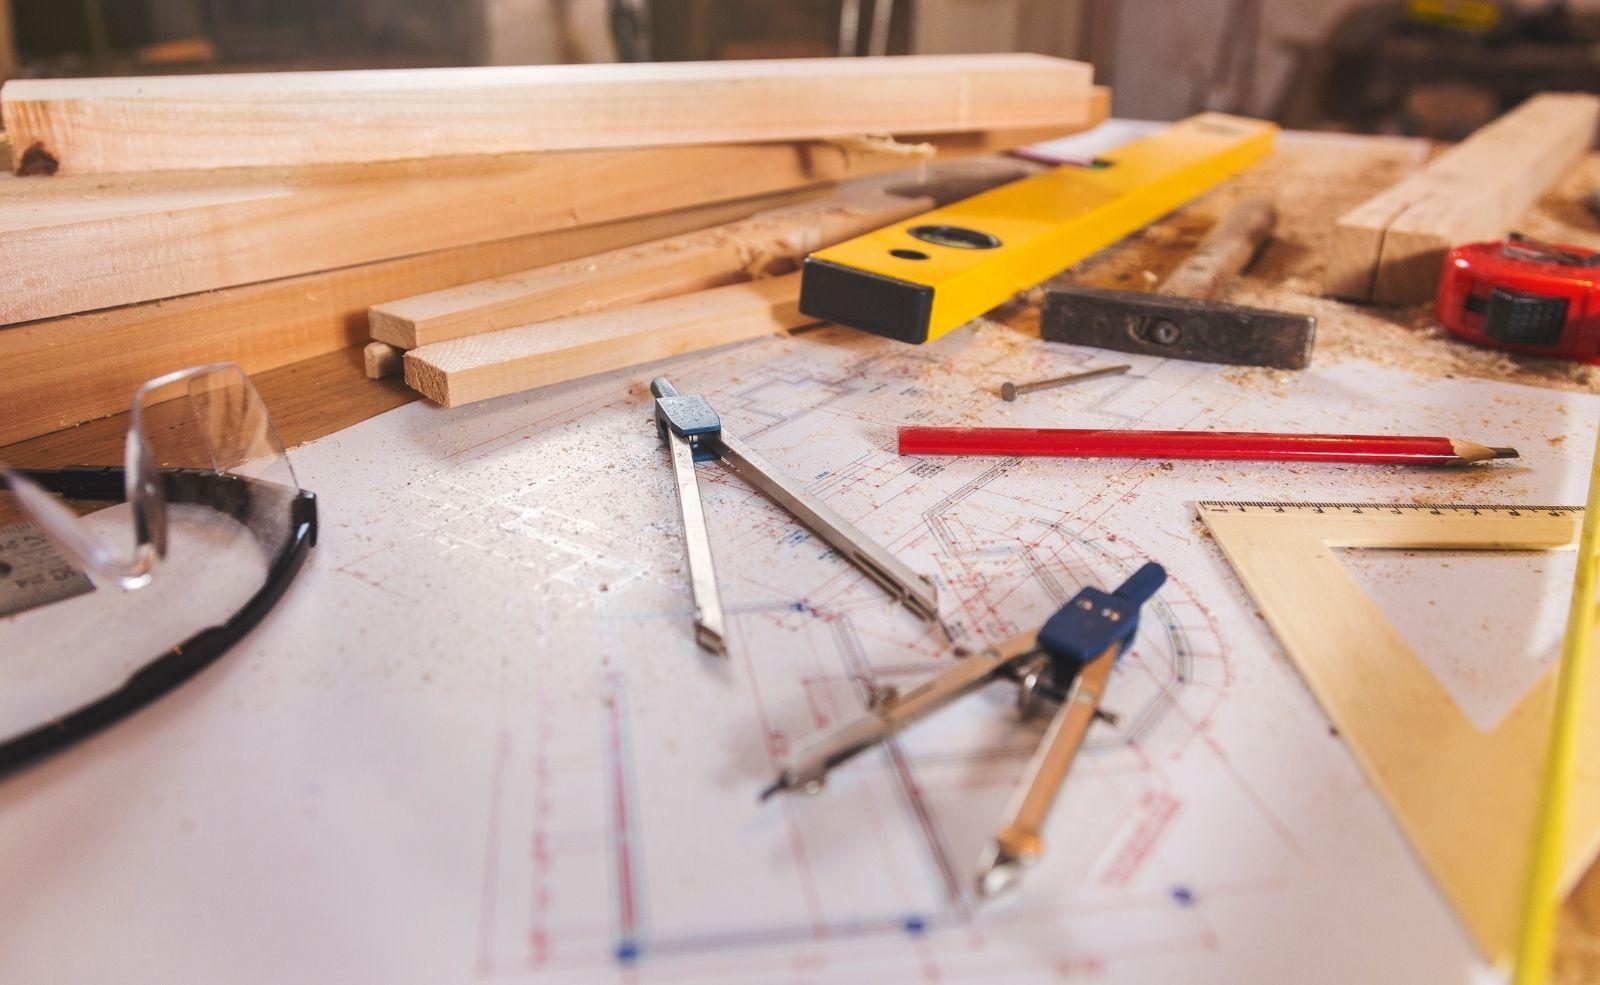 Küche mit Tischler/Schreiner planen